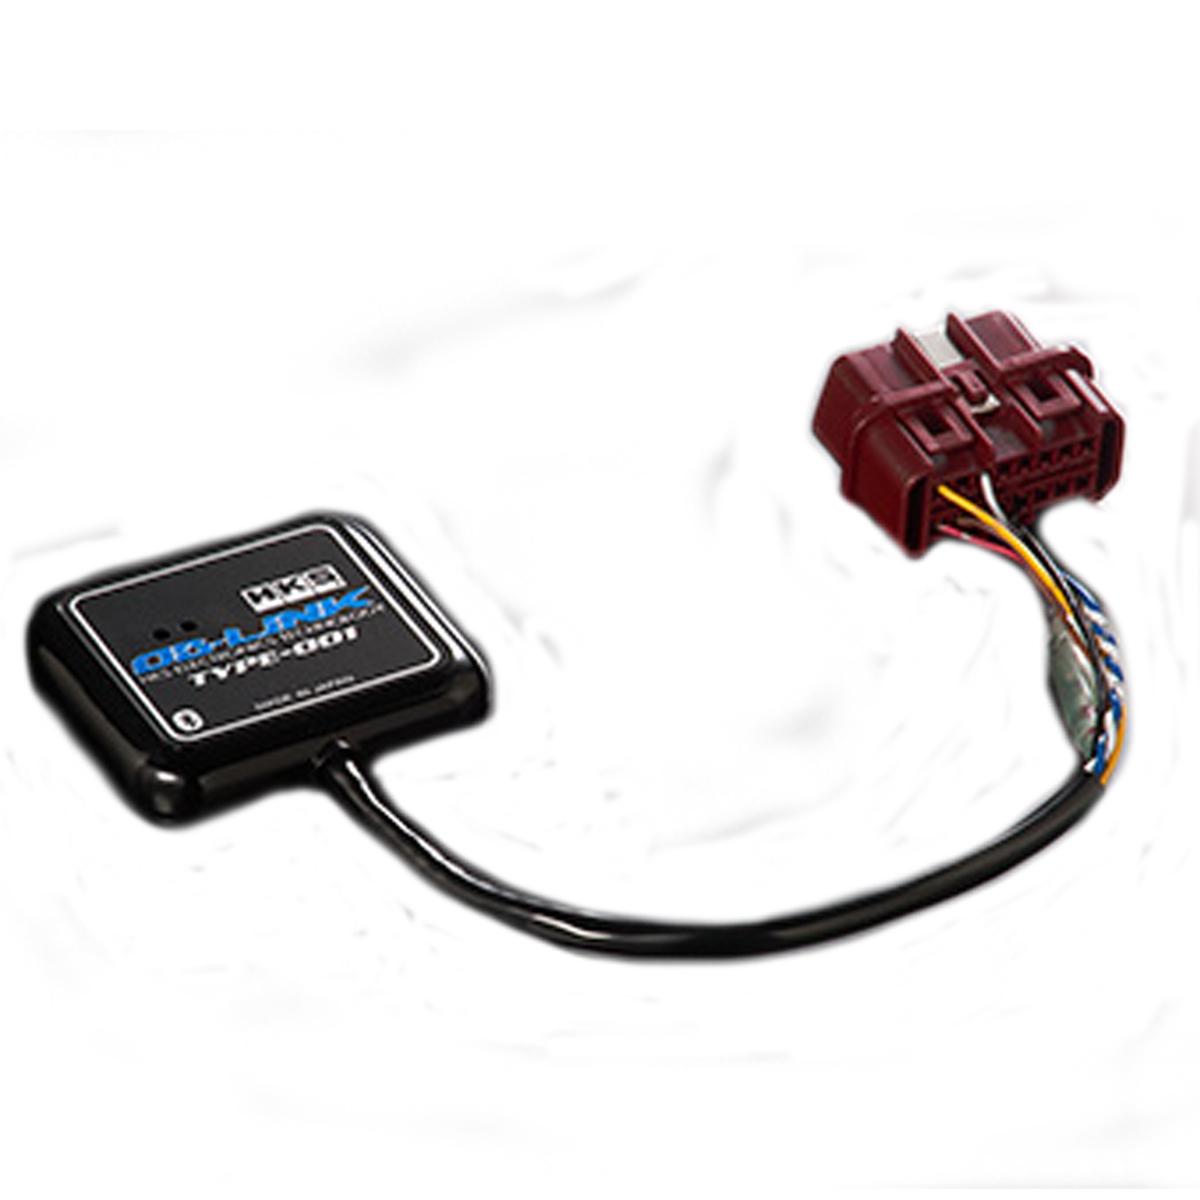 ハイラックスサーフ モニター OBリンク タイプ 001 GF-RZN185W HKS 44009-AK002 エレクトリニクス 個人宅発送追金有